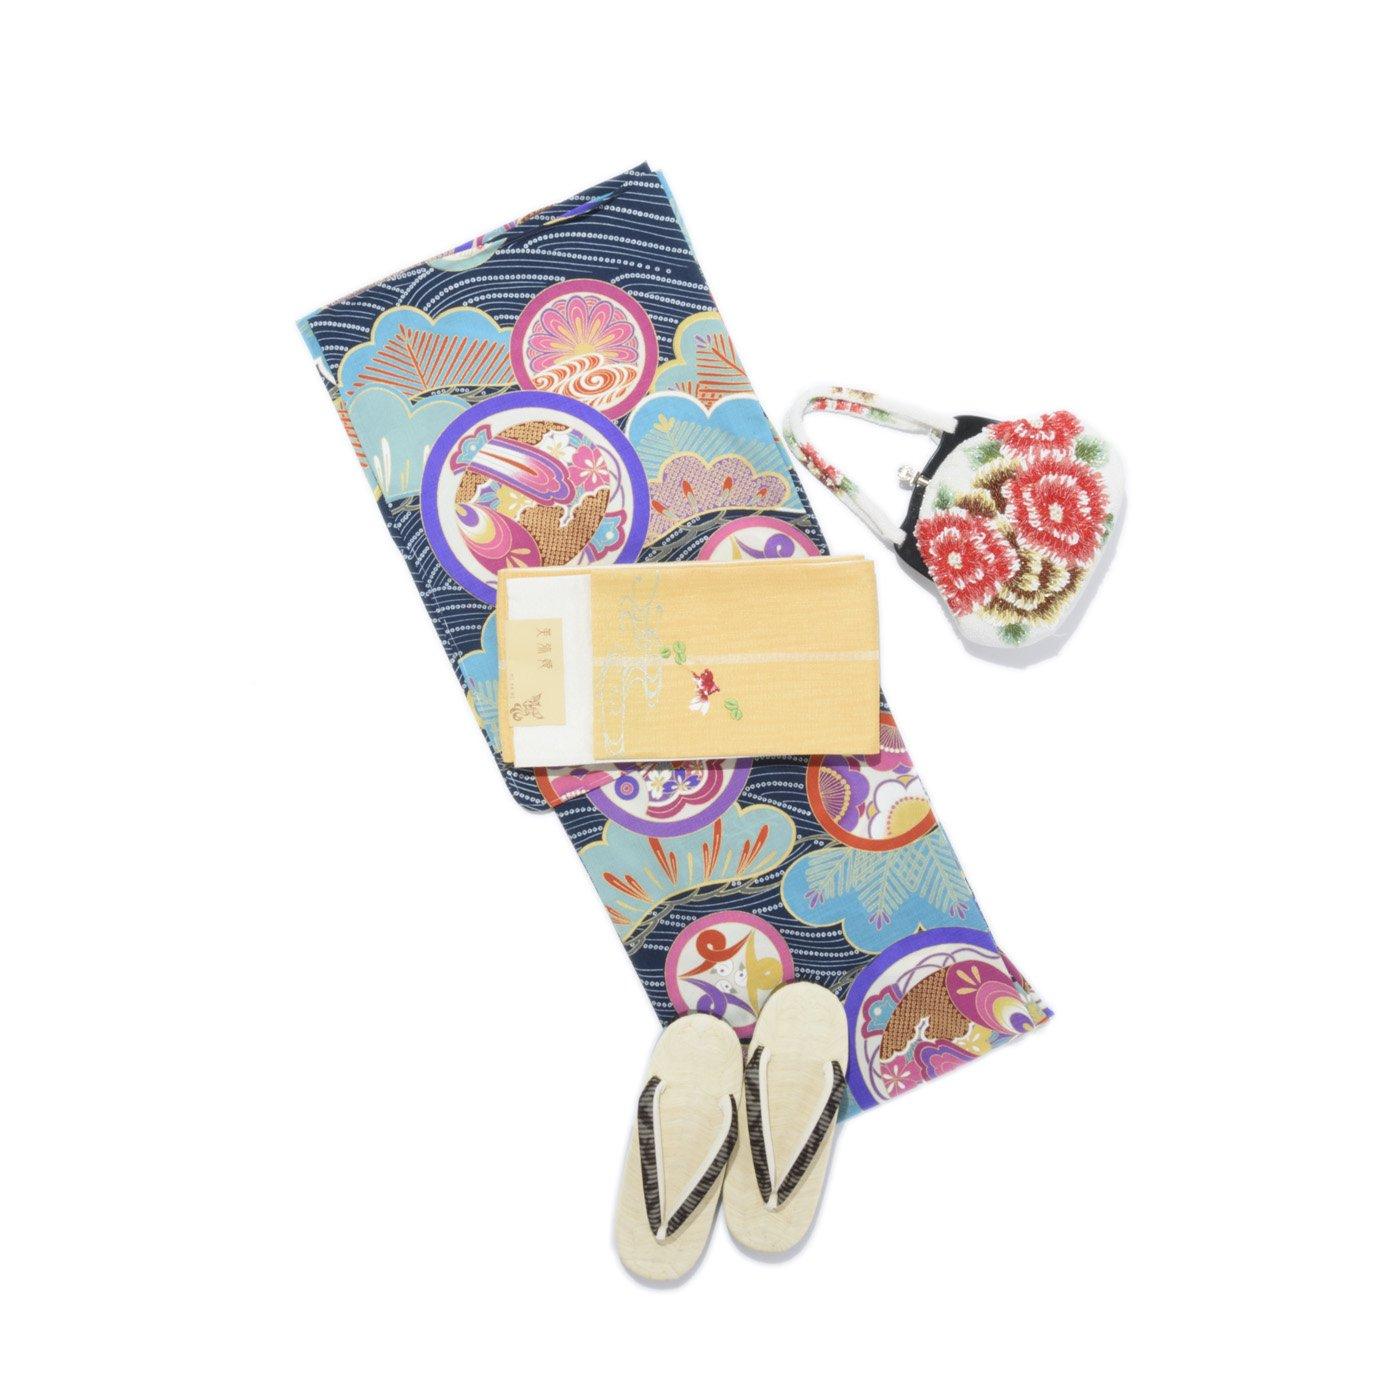 「きもの道楽 セオα アンティーク調 丸紋 青」の商品画像